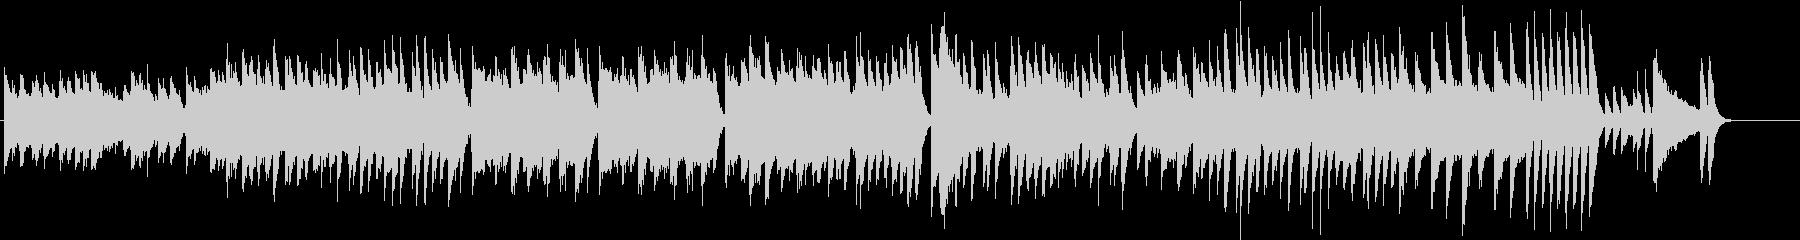 楽しいウインタースポーツのピアノBGMの未再生の波形